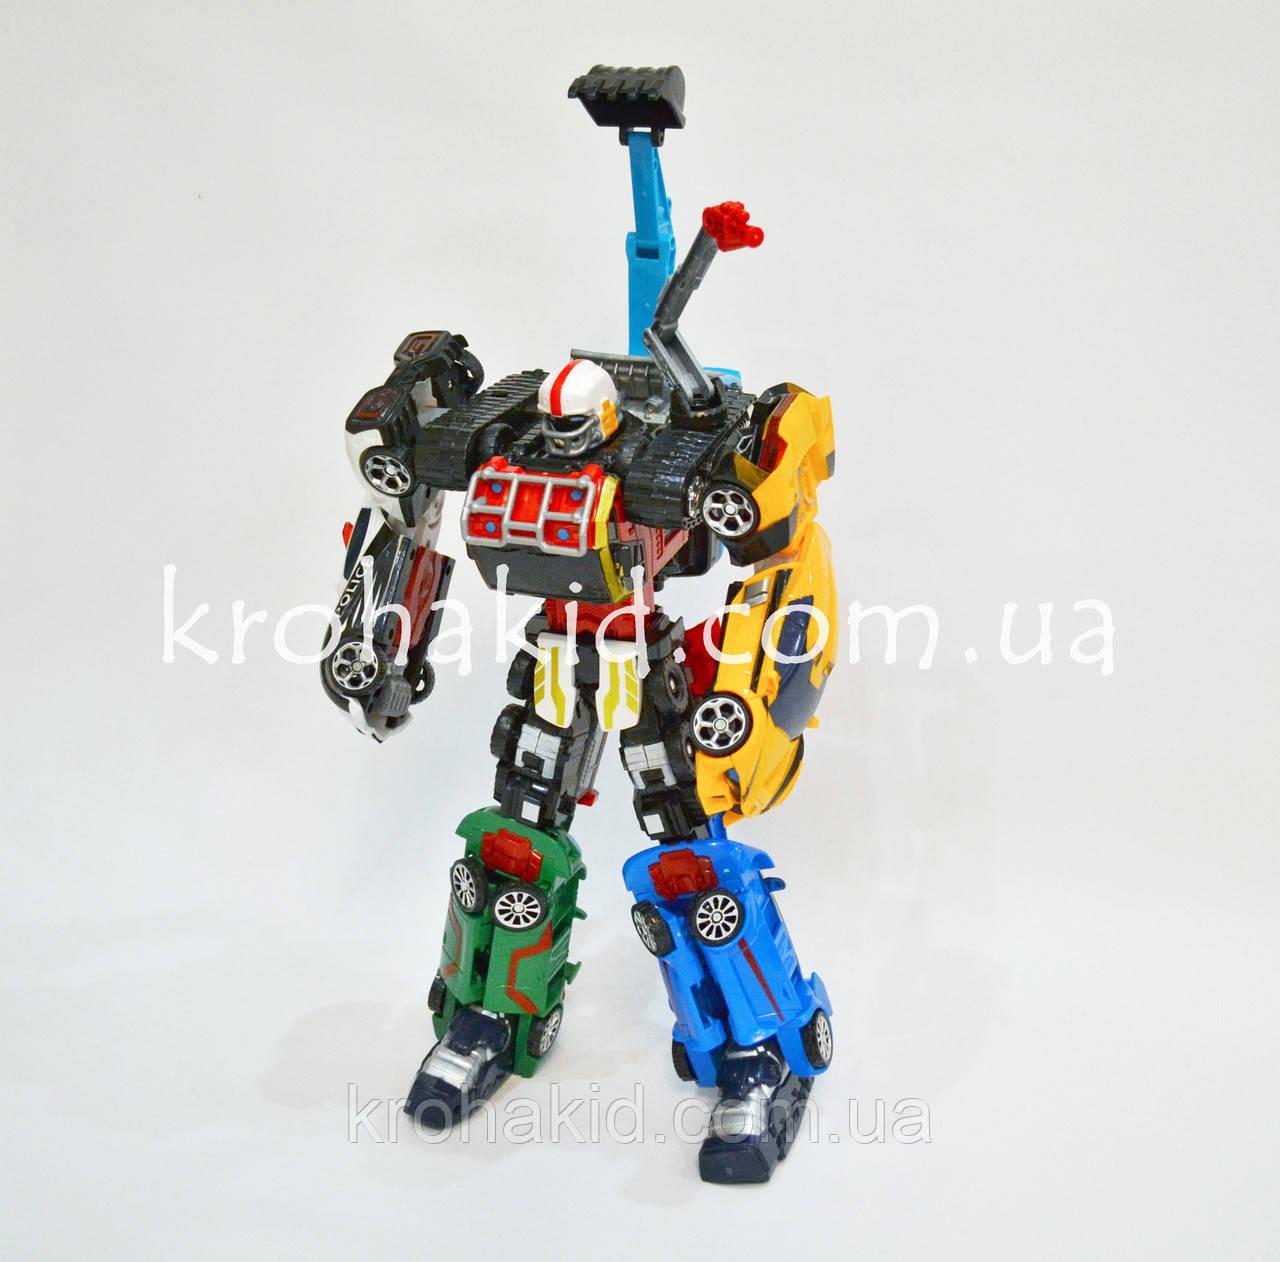 Большой трансформер TOBOT Magma 6 Athlon / Робот - трансформер Магма 6 / TOBOT MAGMA 6 INTEGRATION 523